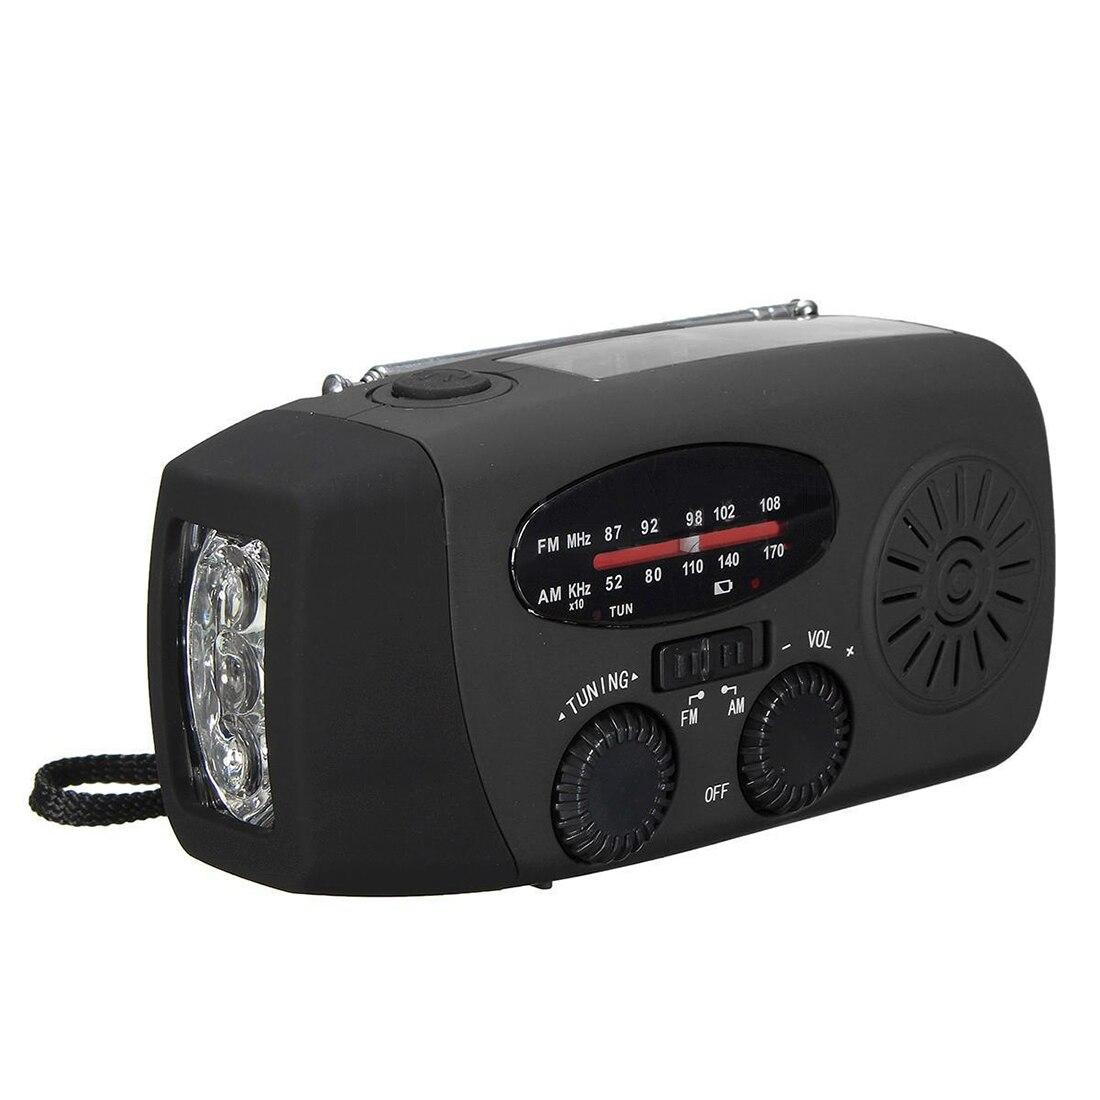 Tragbares Audio & Video Hell Wasserdichte Tragbare Hand Crank Solar Radio Am/fm 3 Led Taschenlampe Telefon Ladegerät Schwarz